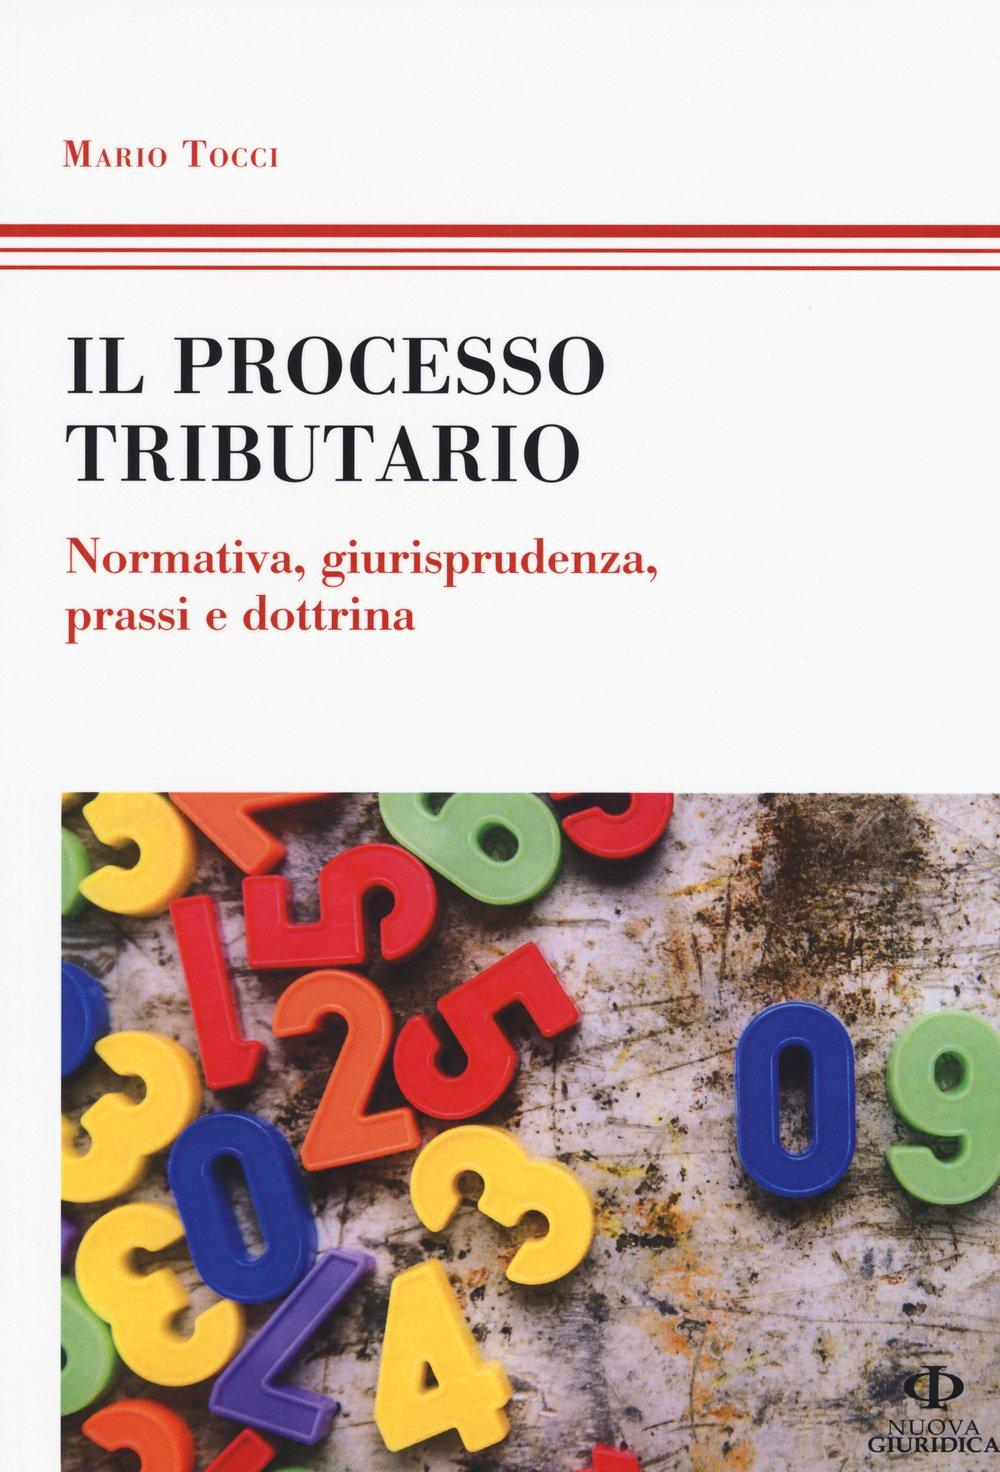 Il processo tributario. Normativa, giurisprudenza, prassi e dottrina